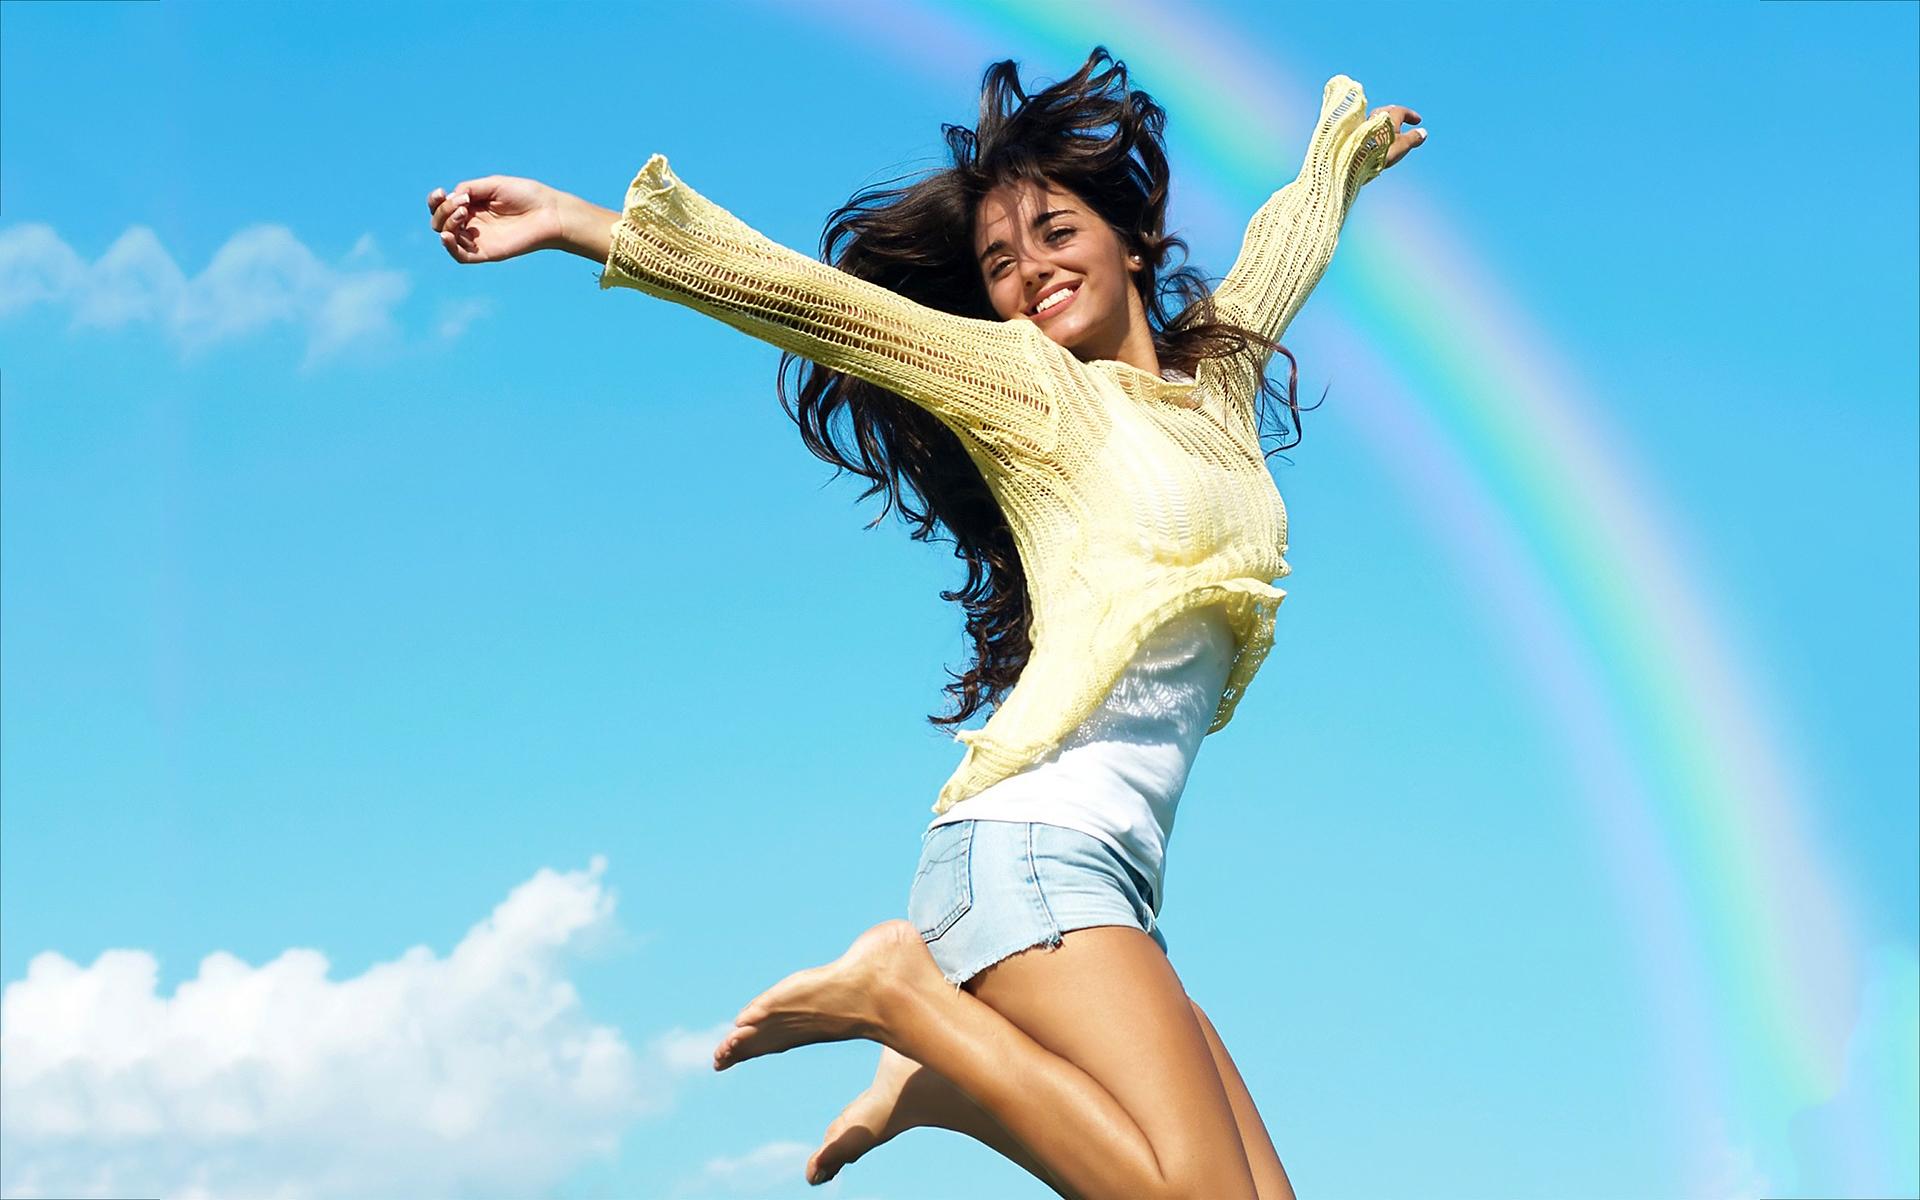 http://static1.squarespace.com/static/54d6d965e4b0b474c080e291/t/55171323e4b00e3284153d64/1427575606162/girl-joy-of-living.jpg?format=2500w